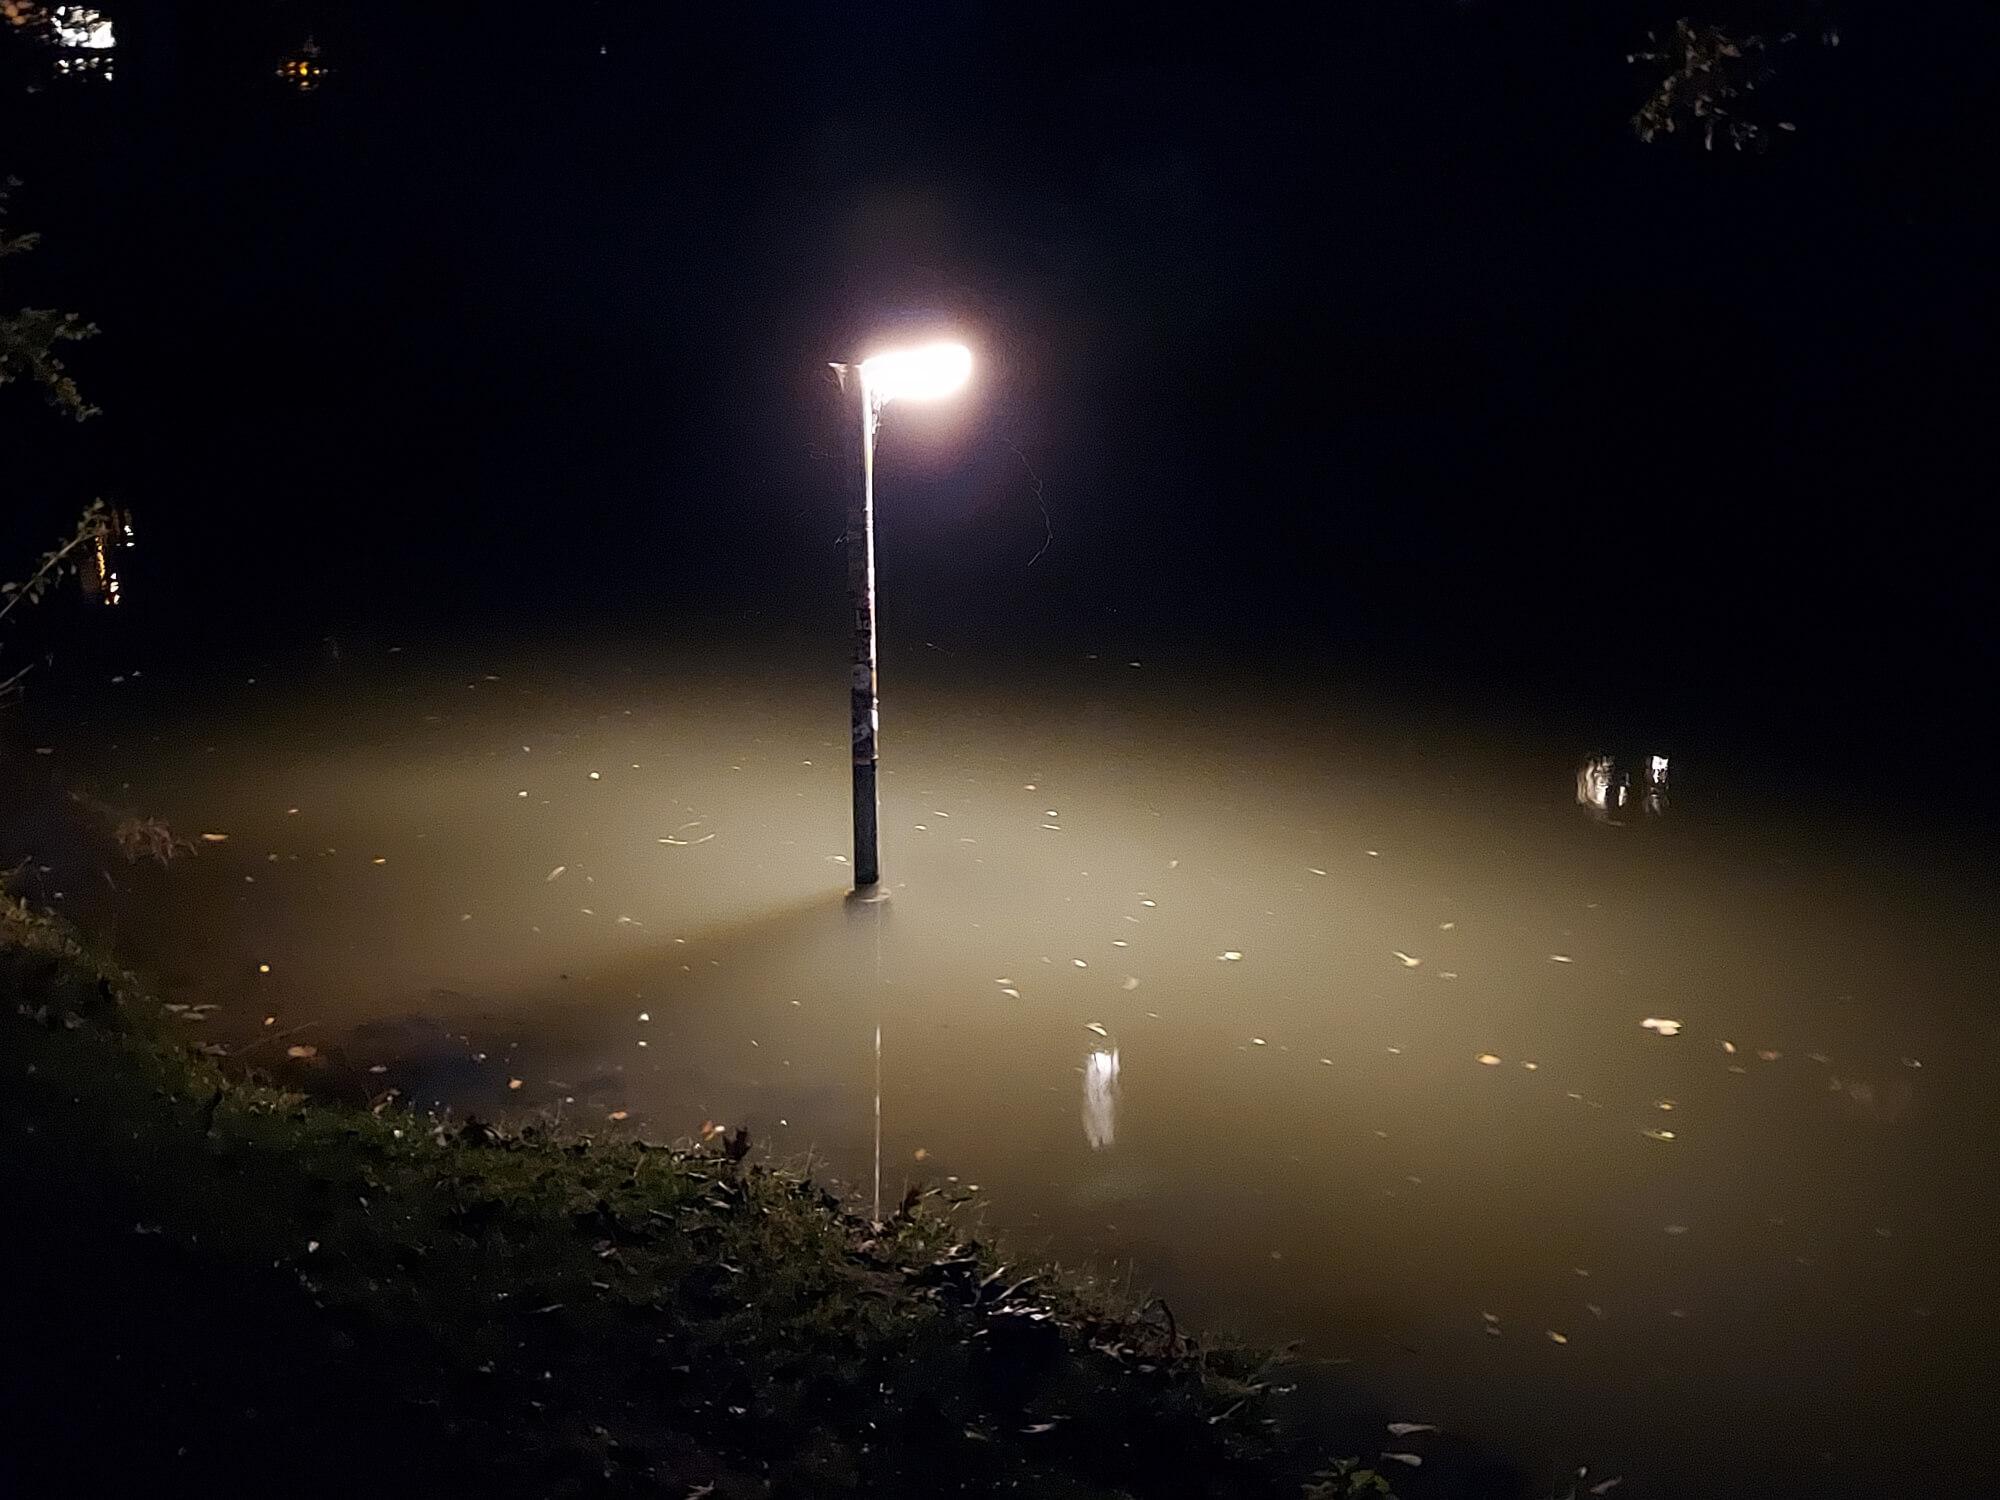 Die Lampe im Wasser soll den Fischen vielleicht den Weg weisen?